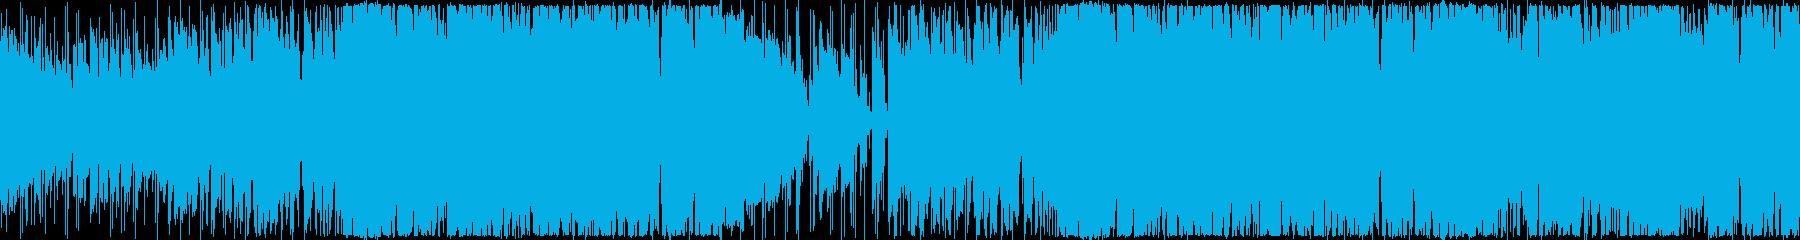 わくわく・ラジオ・コミカル・ファンクの再生済みの波形